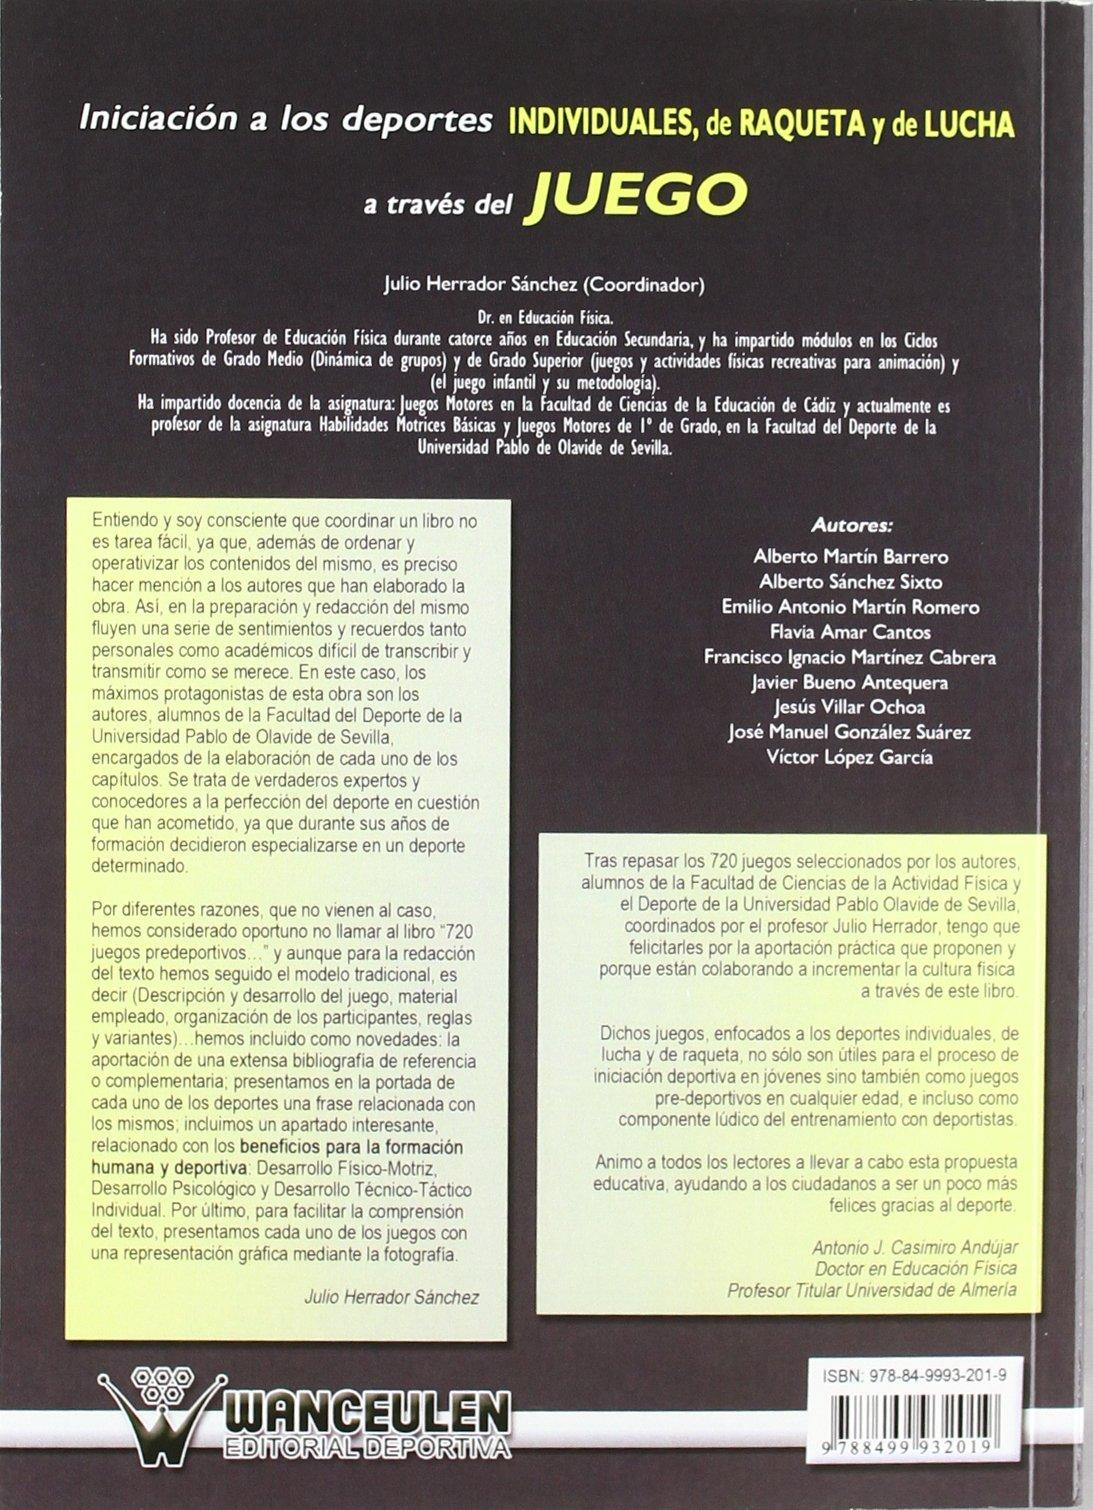 Iniciación A Los Deportes Individuales, De Raqueta Y De Lucha A Través Del Juego. Propuestas Lúdicas Predeportivas: Propuestas Lúdicas Predeportivas ...